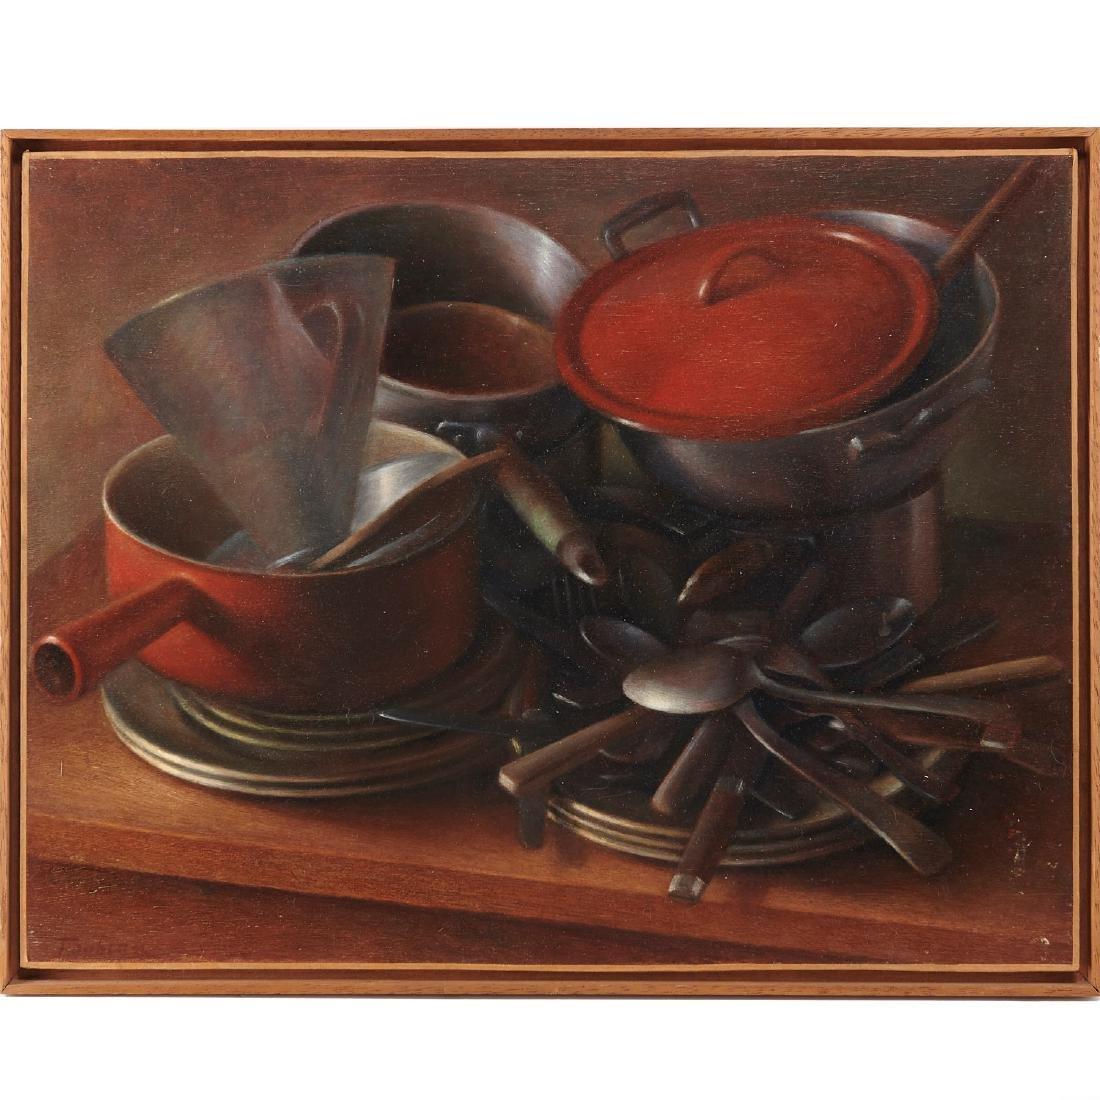 Jean-Max Toubeau, Still-life: Pots/Pans, c. 1970s